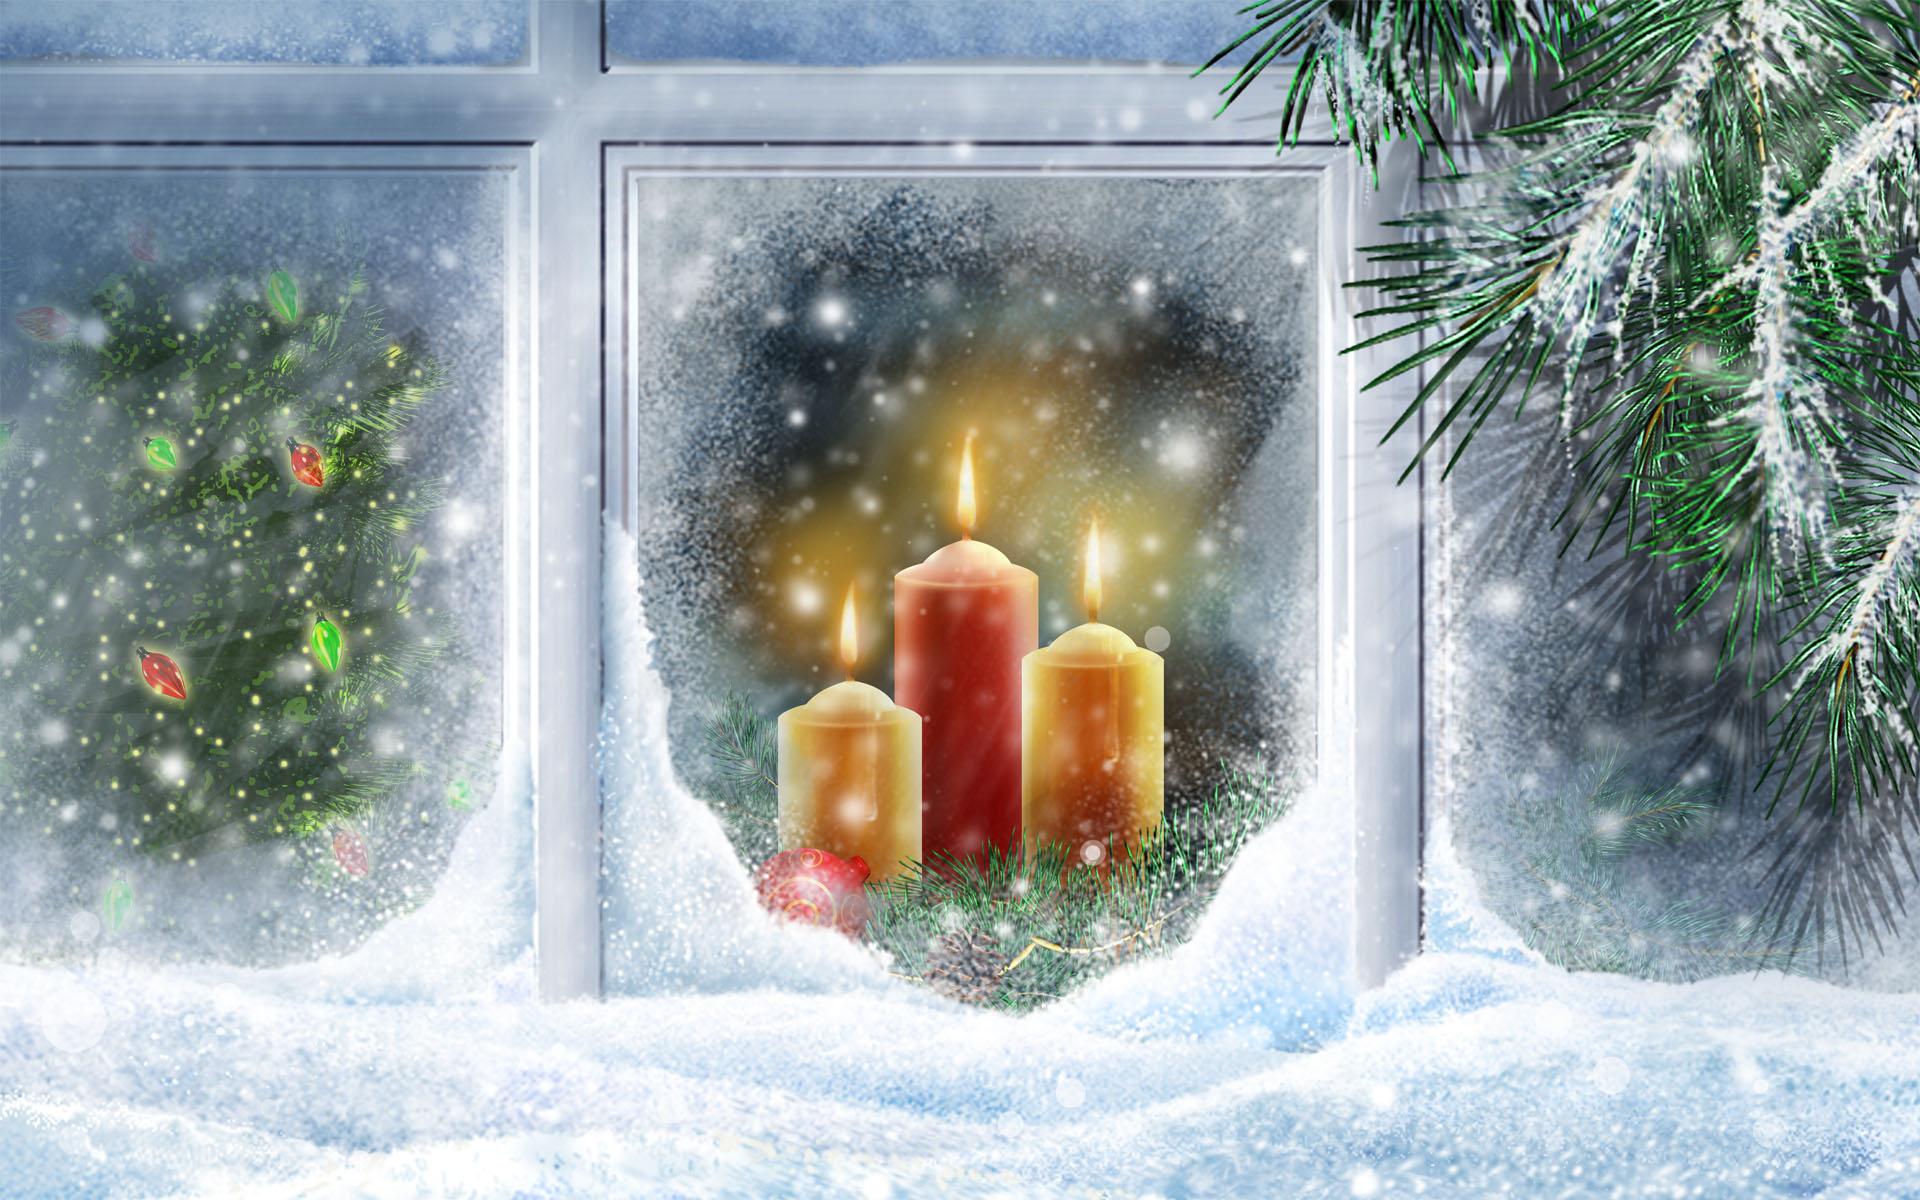 Christmas Scenery 15 Thumb